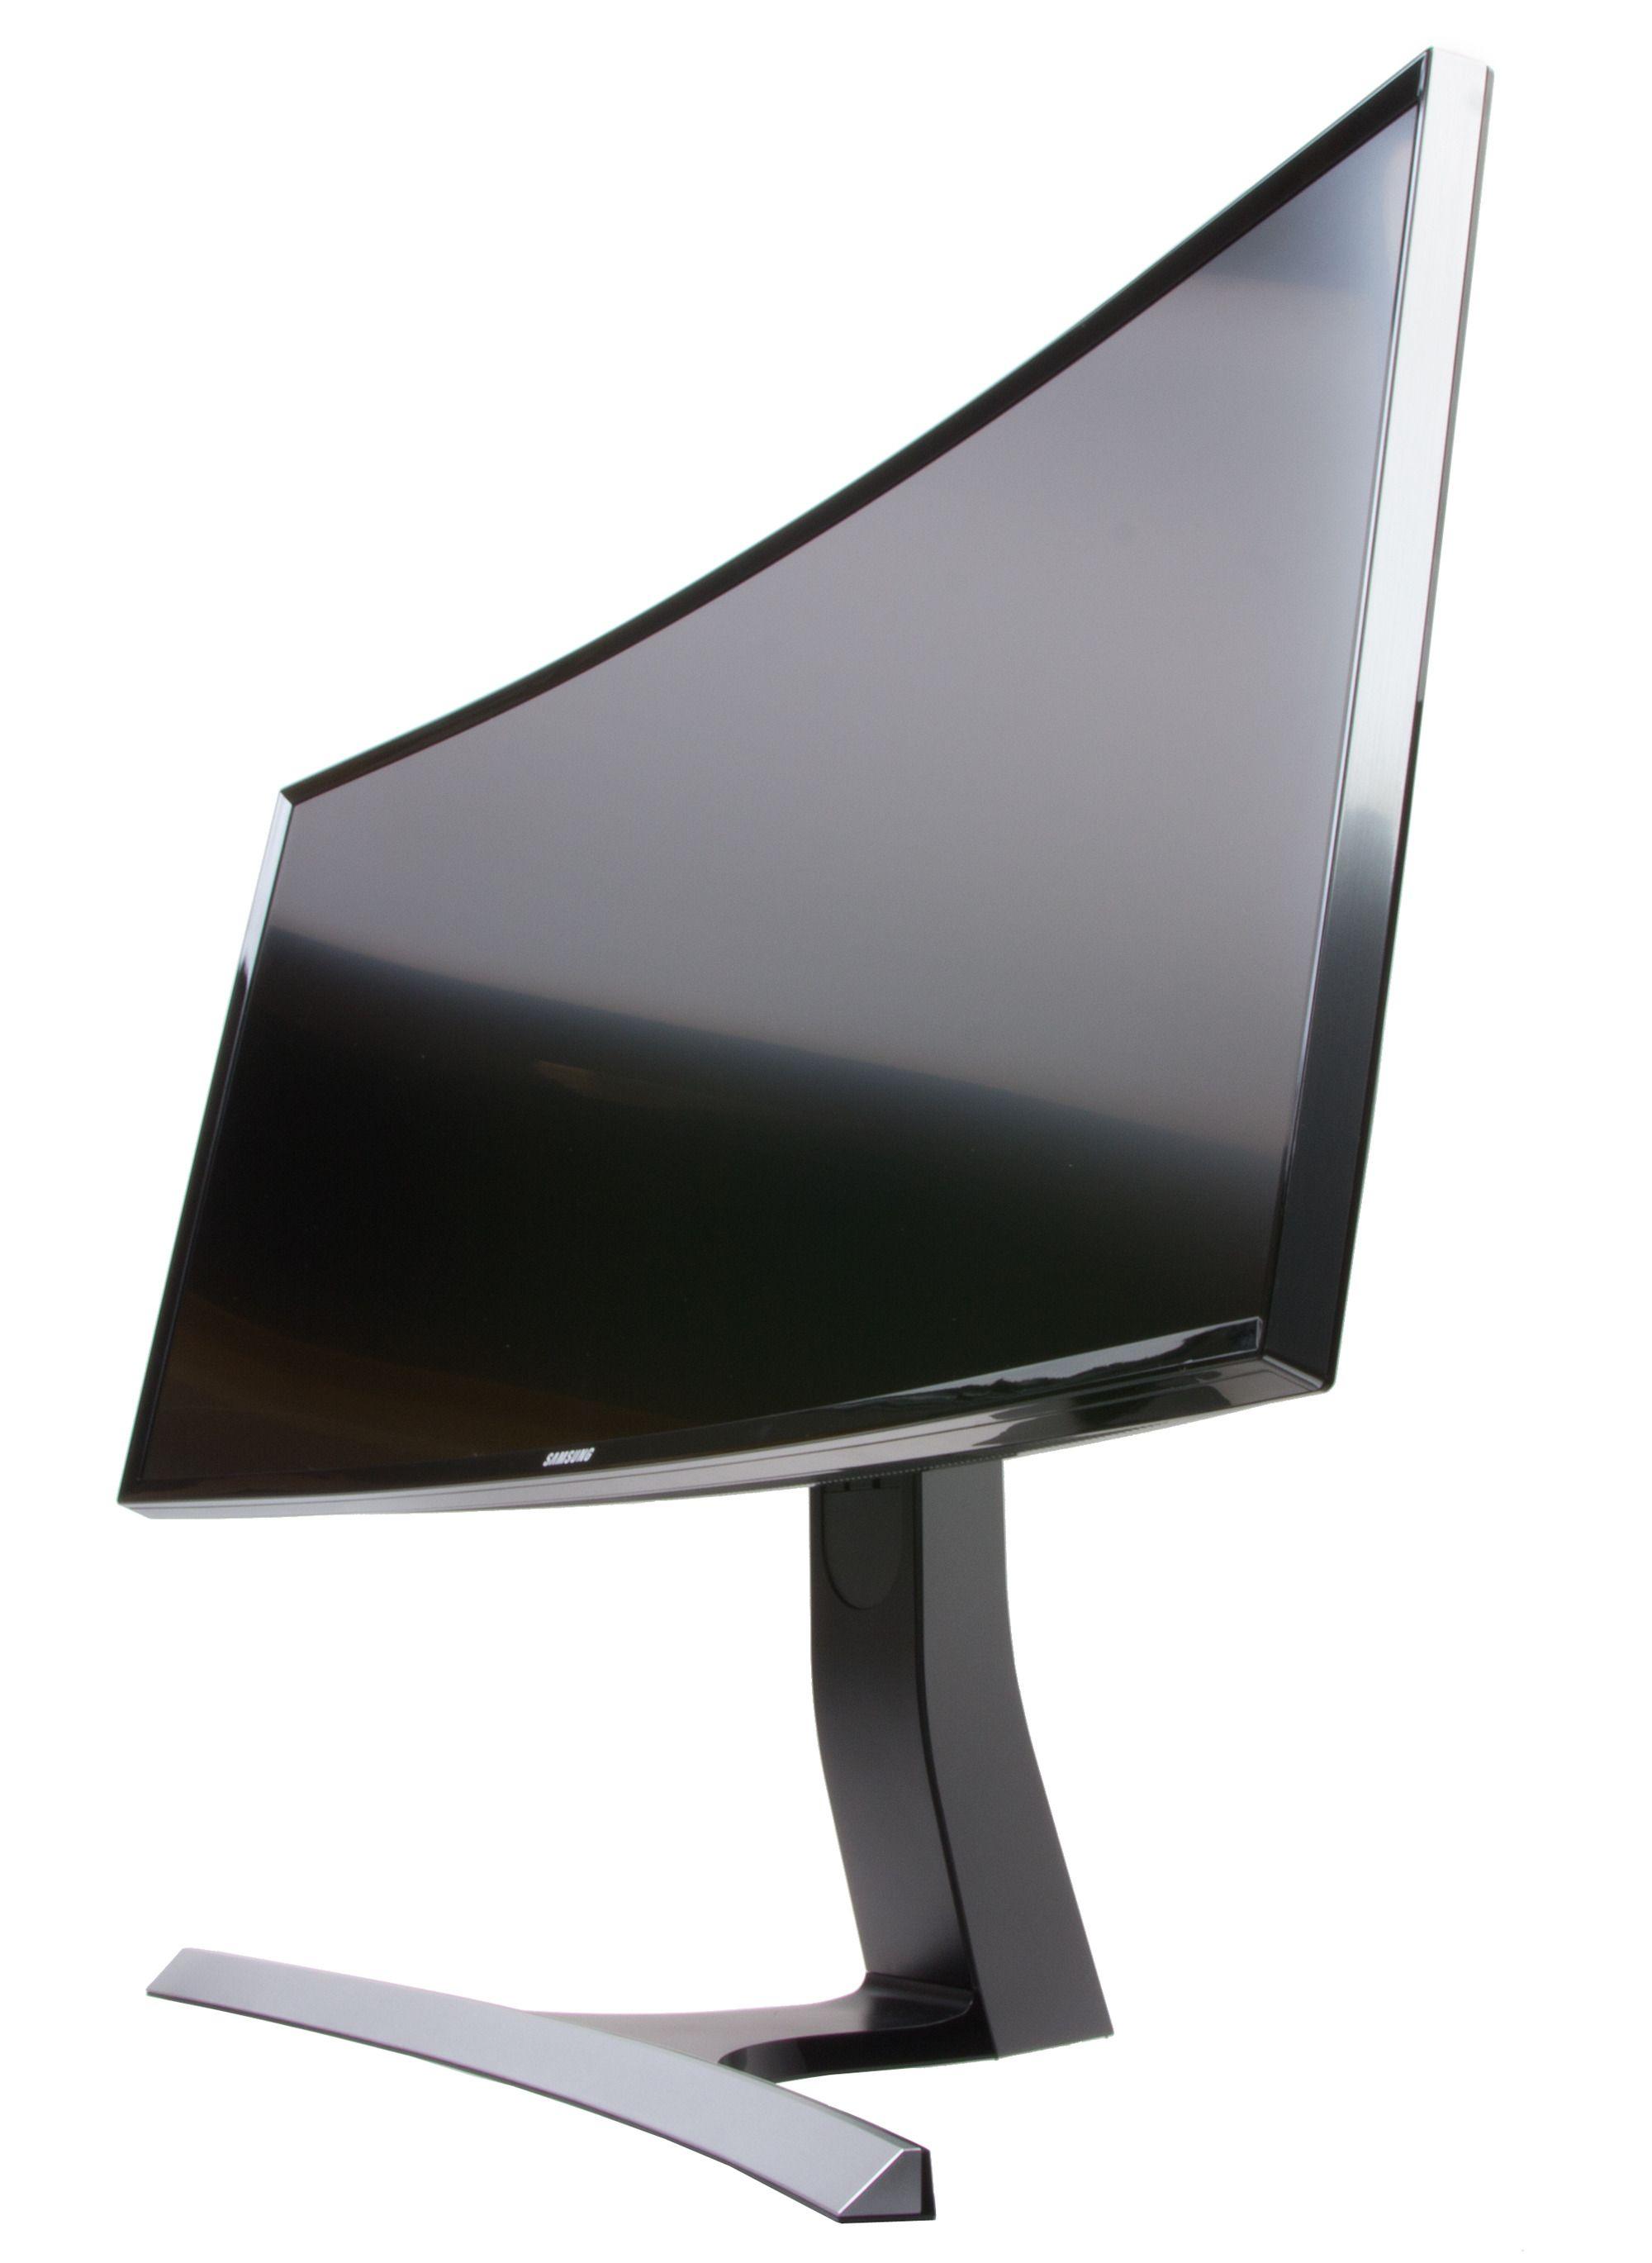 Det er ingen tilfeldighet at mange ultrabrede skjermer er buede.